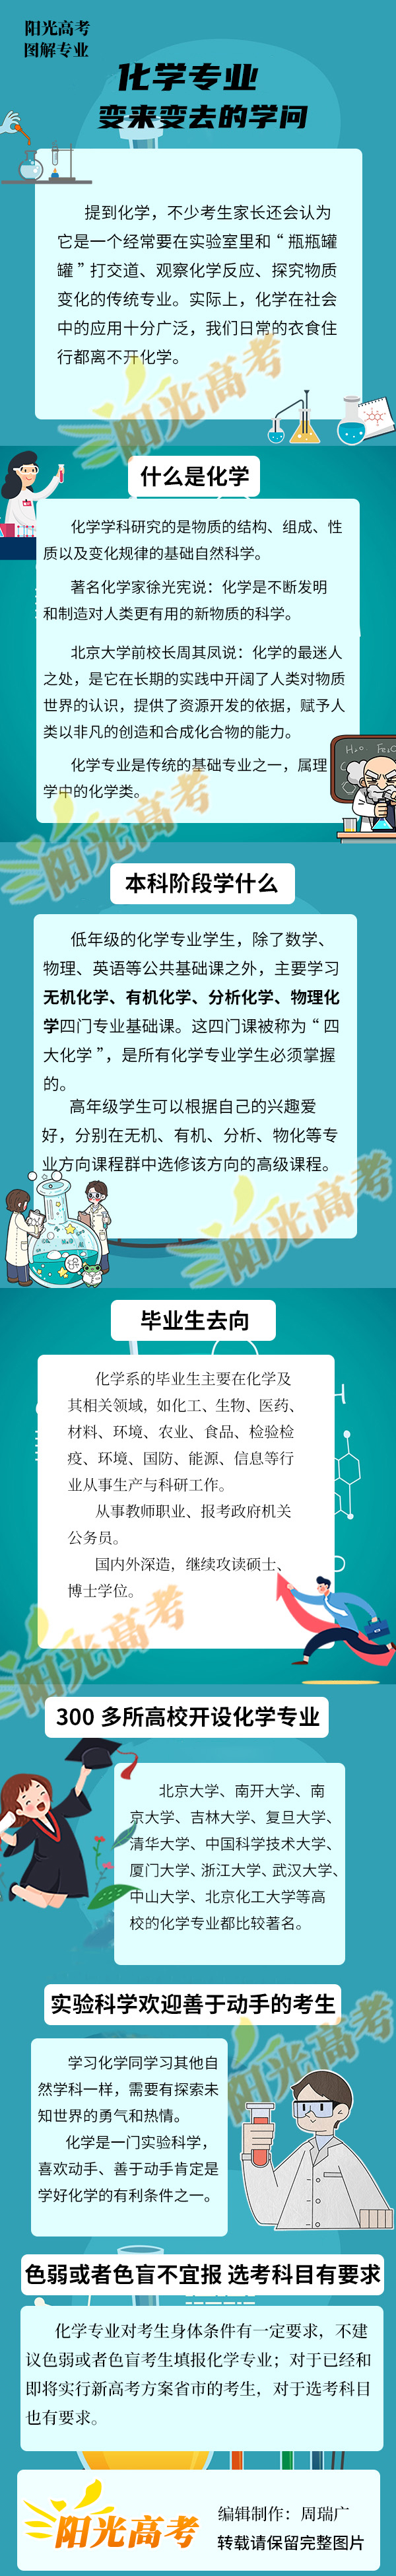 化学专业 图解   微信.jpg